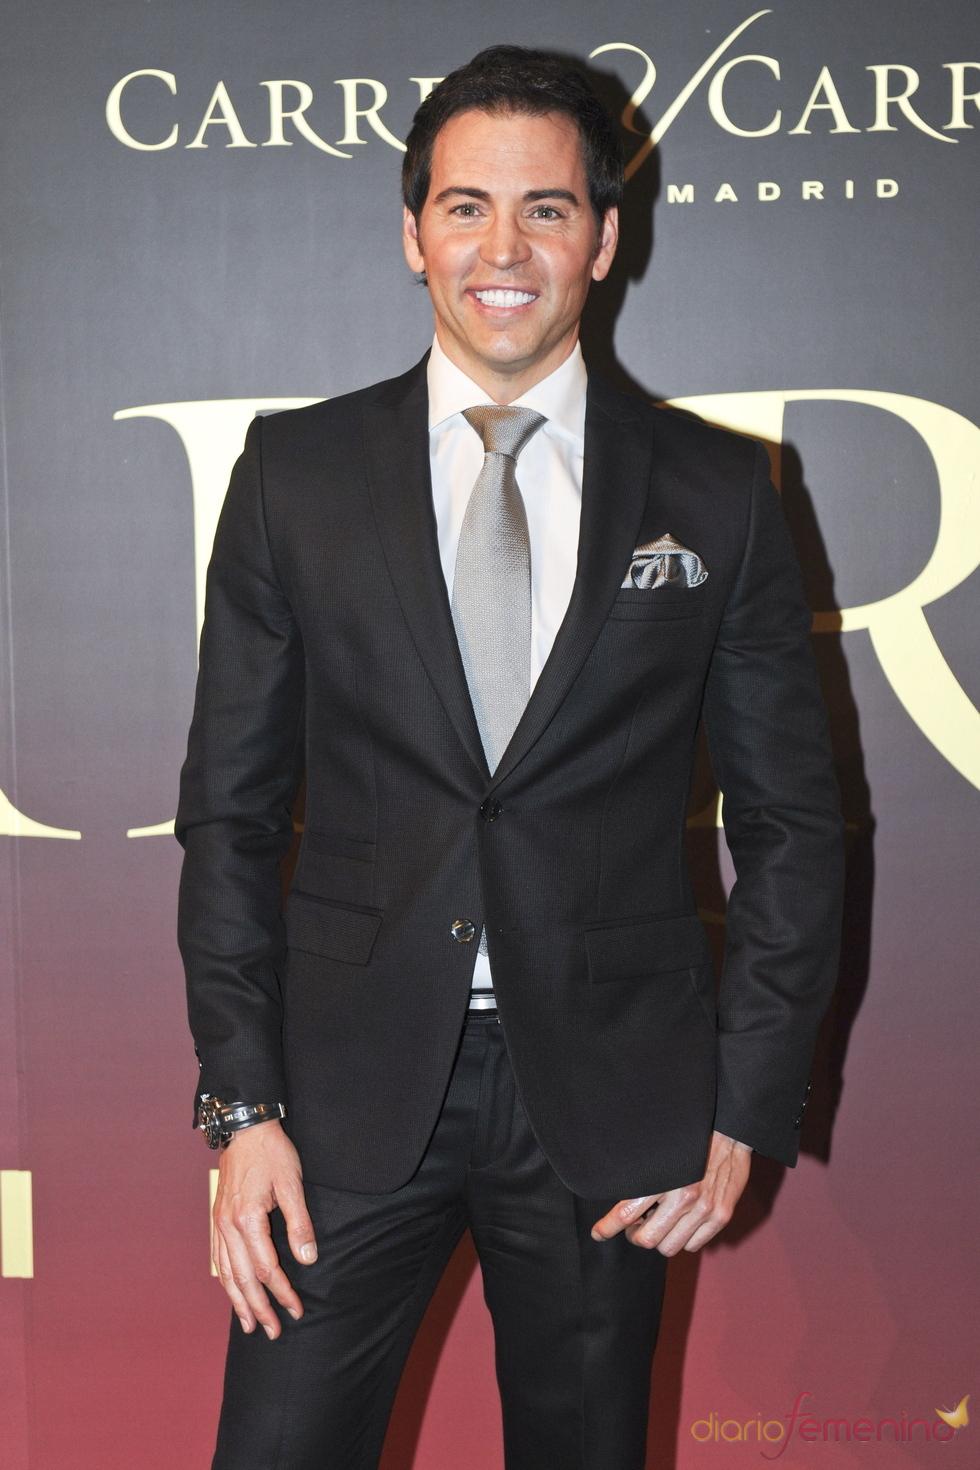 David Meca en el 'Premio Maja de los Goya de Carrera y Carrera'